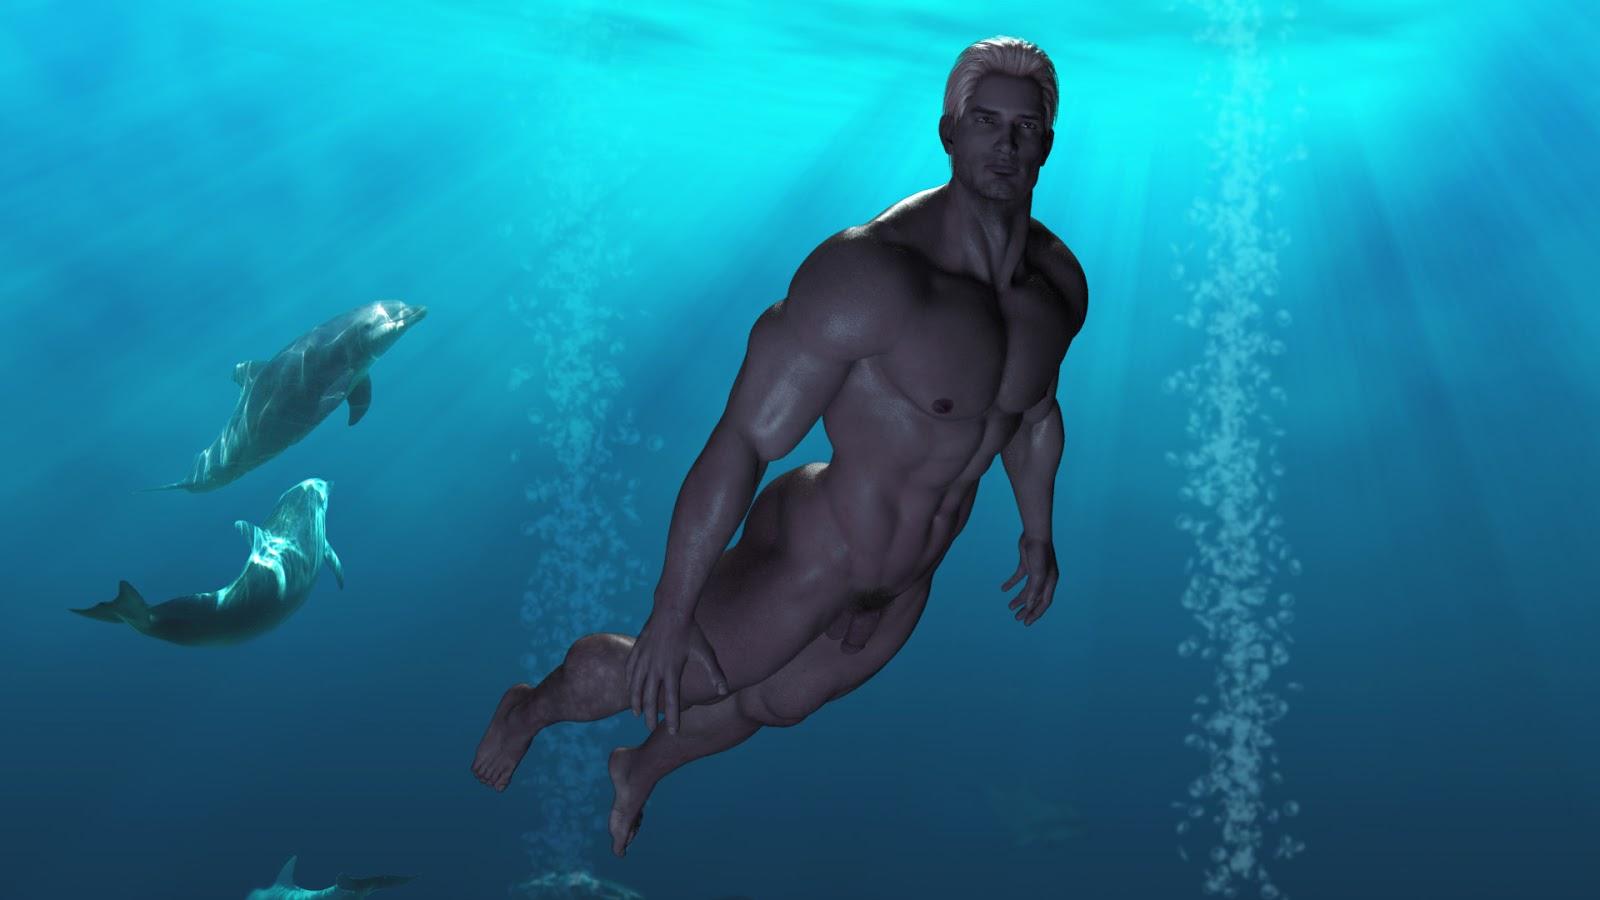 Underwater Naked Nude